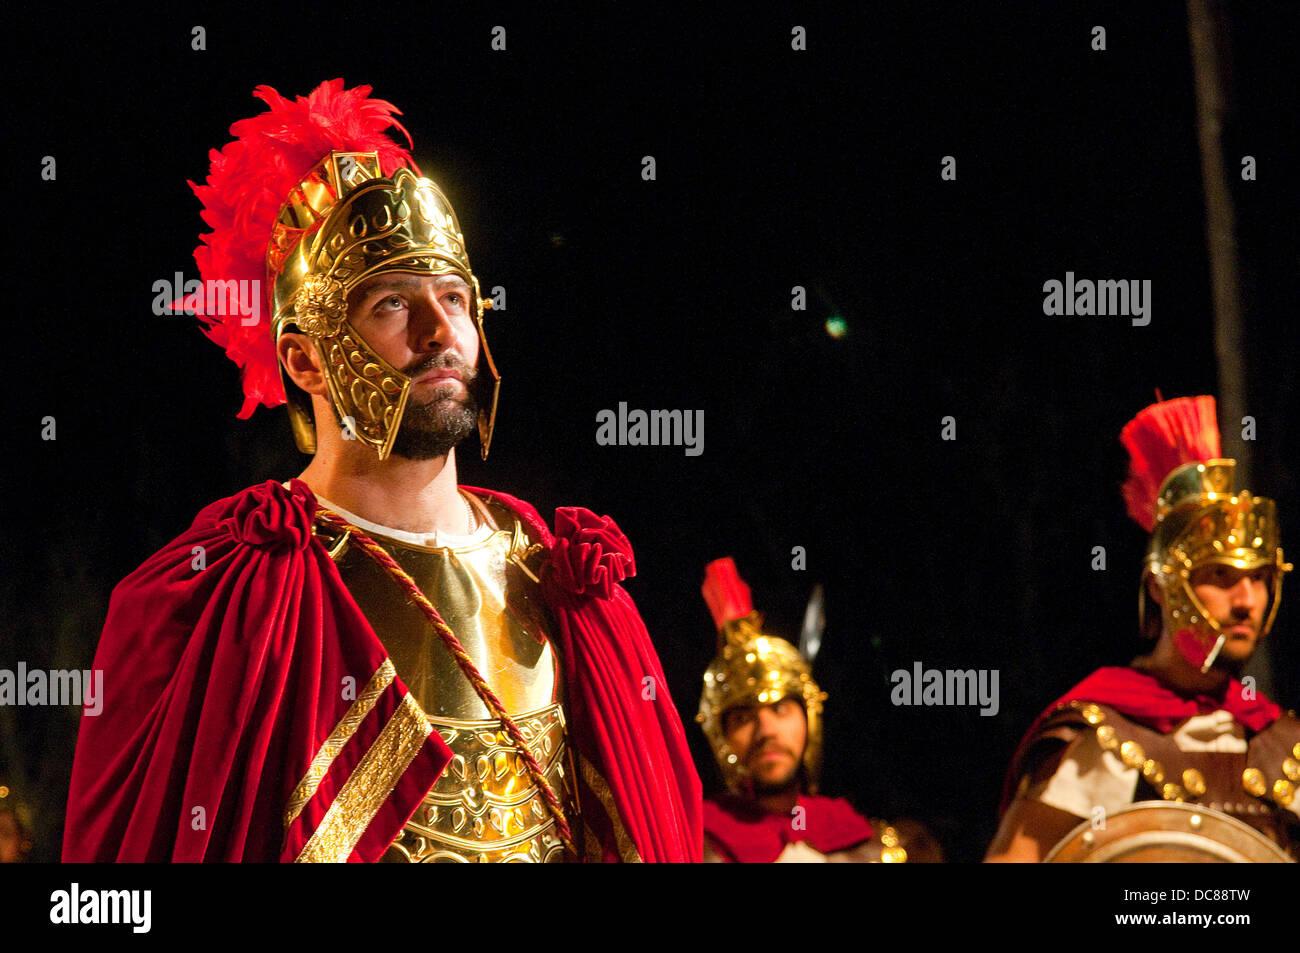 Centurione e soldati romani. La settimana santa, la passione di Chinchon, Chinchon, provincia di Madrid, Spagna. Foto Stock